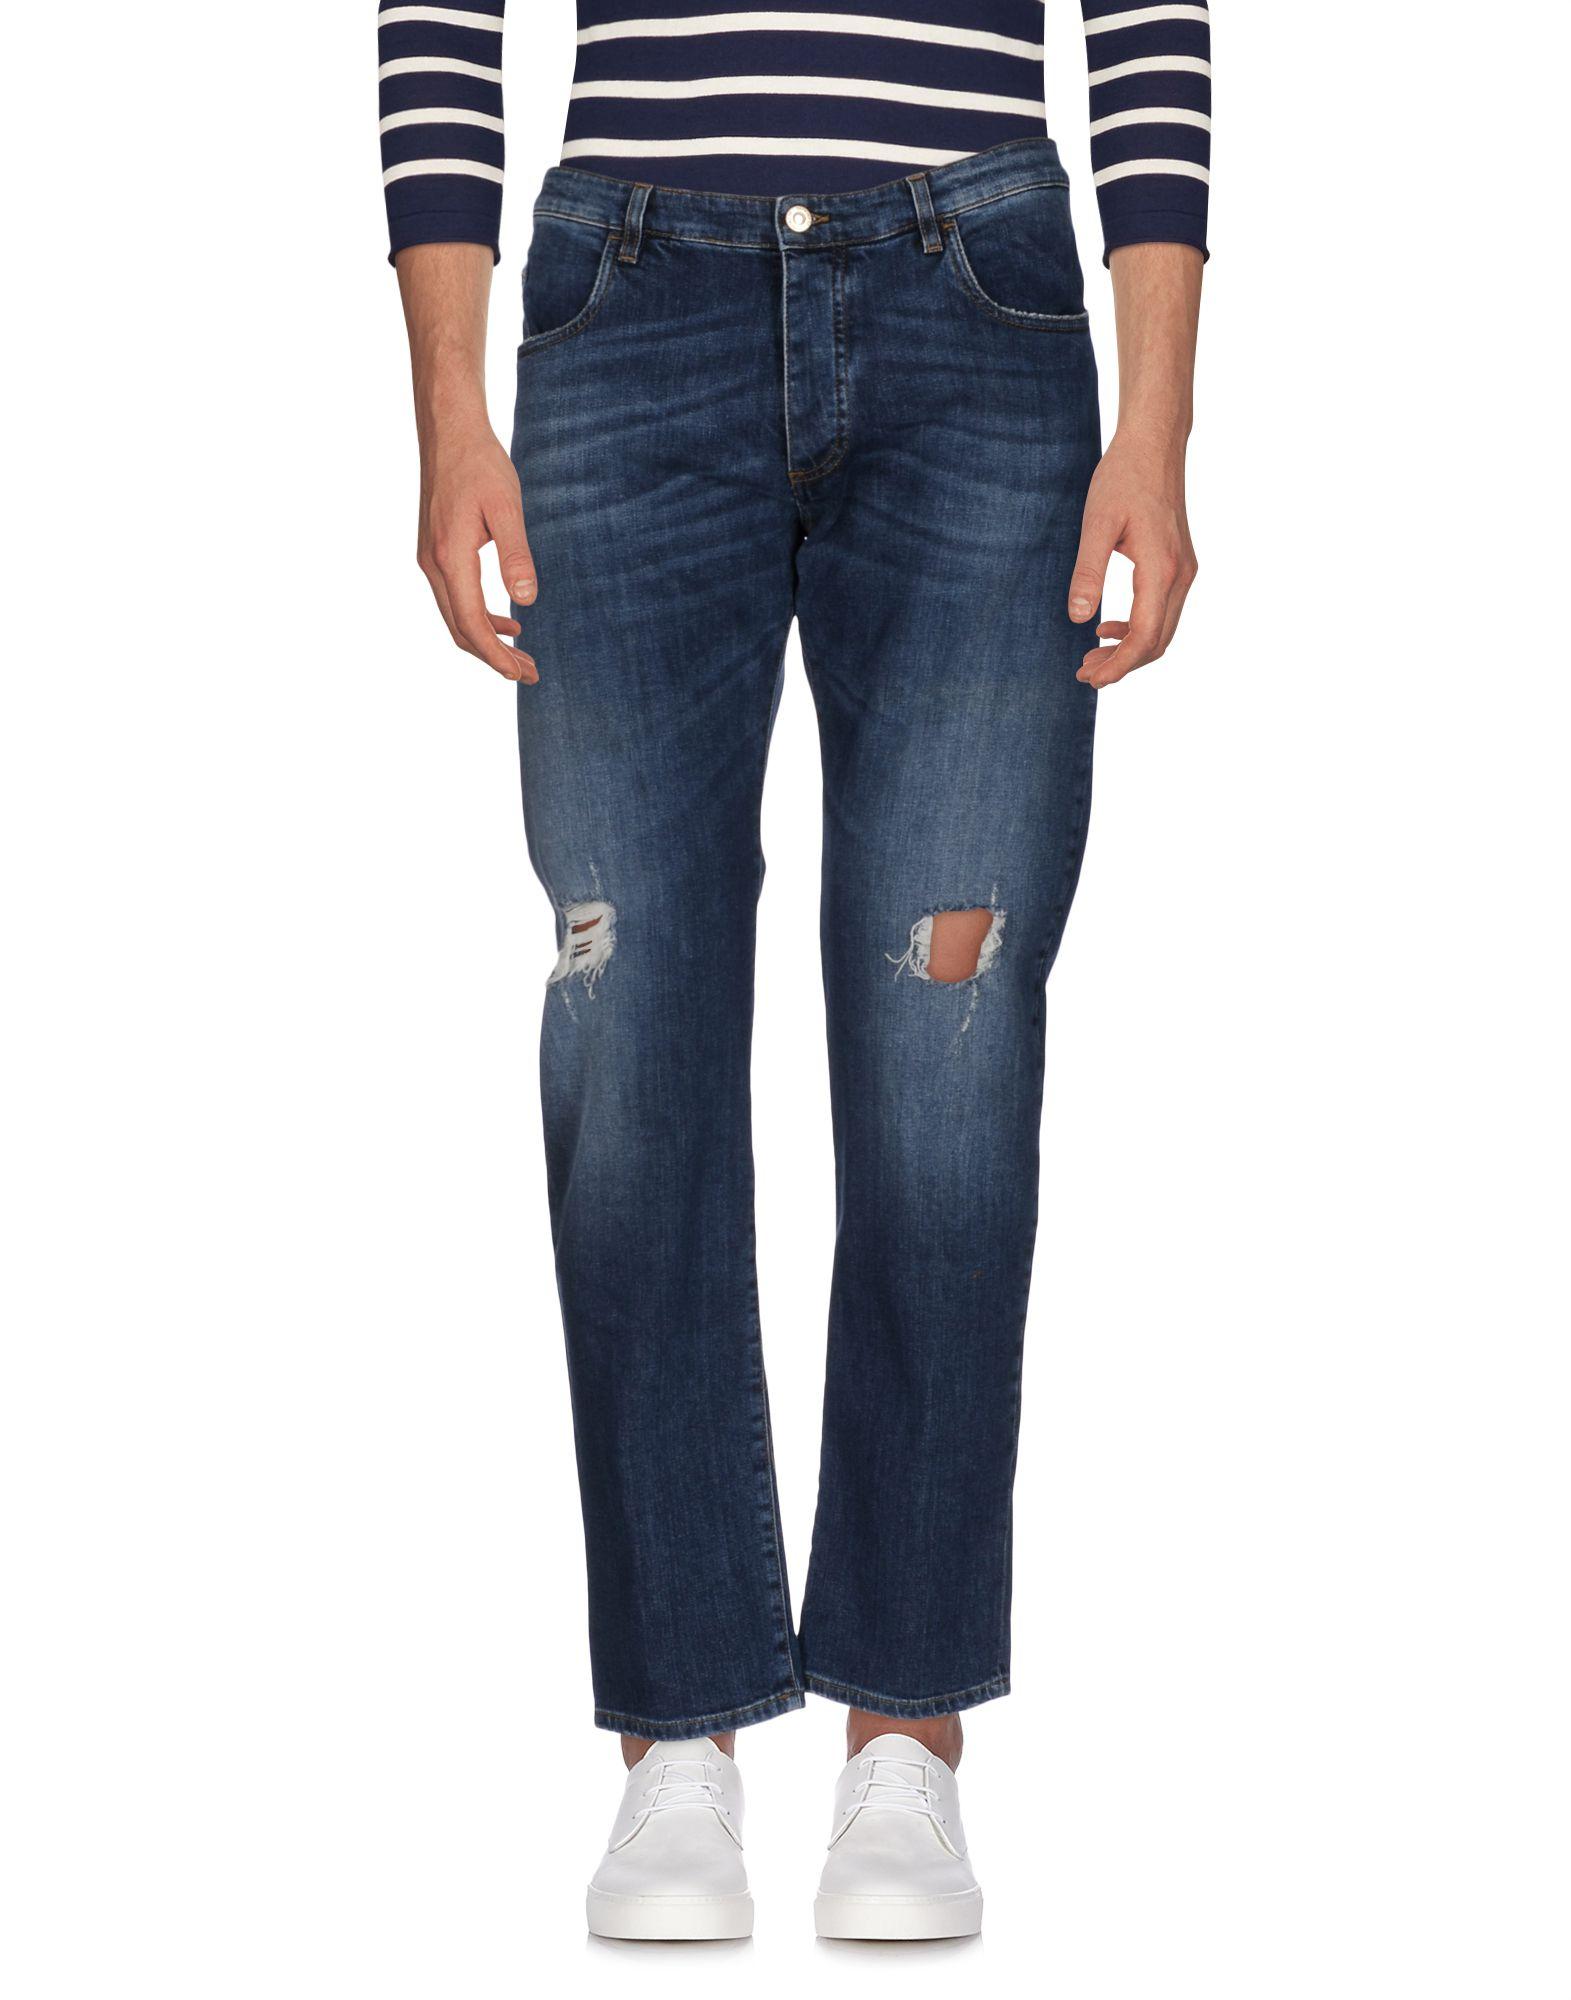 Pantaloni Pantaloni Pantaloni Jeans Officina 36 Uomo - 42637020JC 2ef0e1